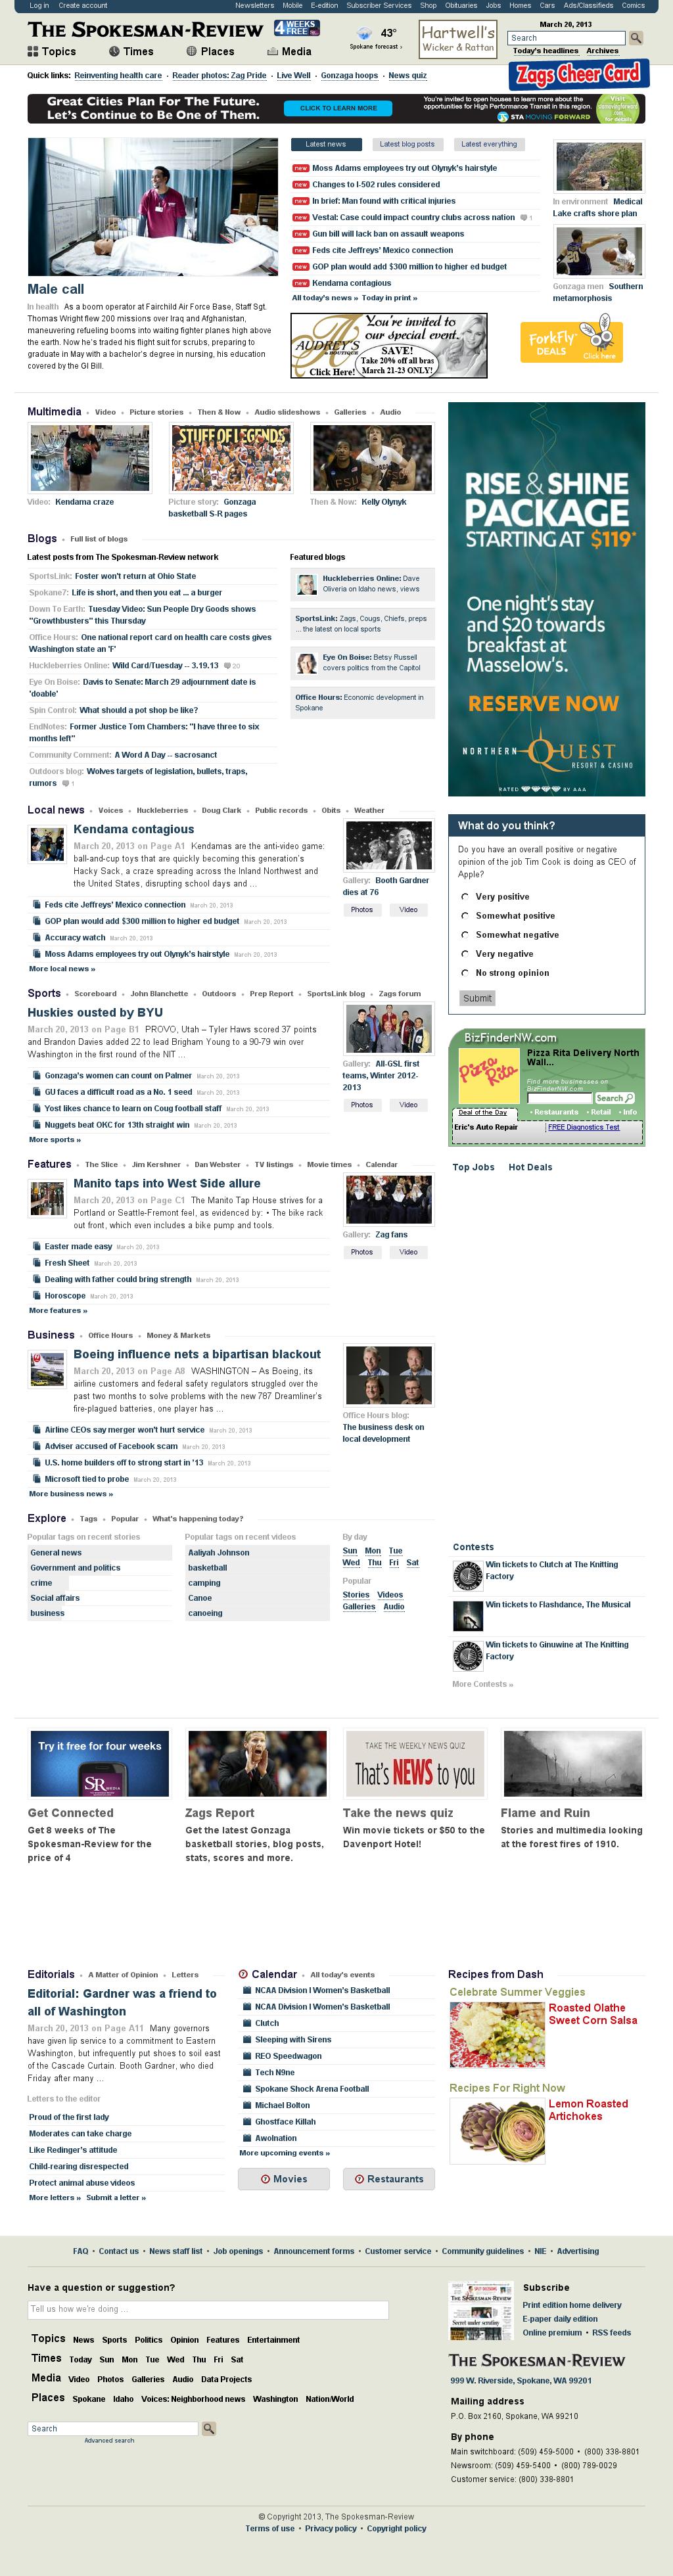 The (Spokane) Spokesman-Review at Wednesday March 20, 2013, 7:26 a.m. UTC